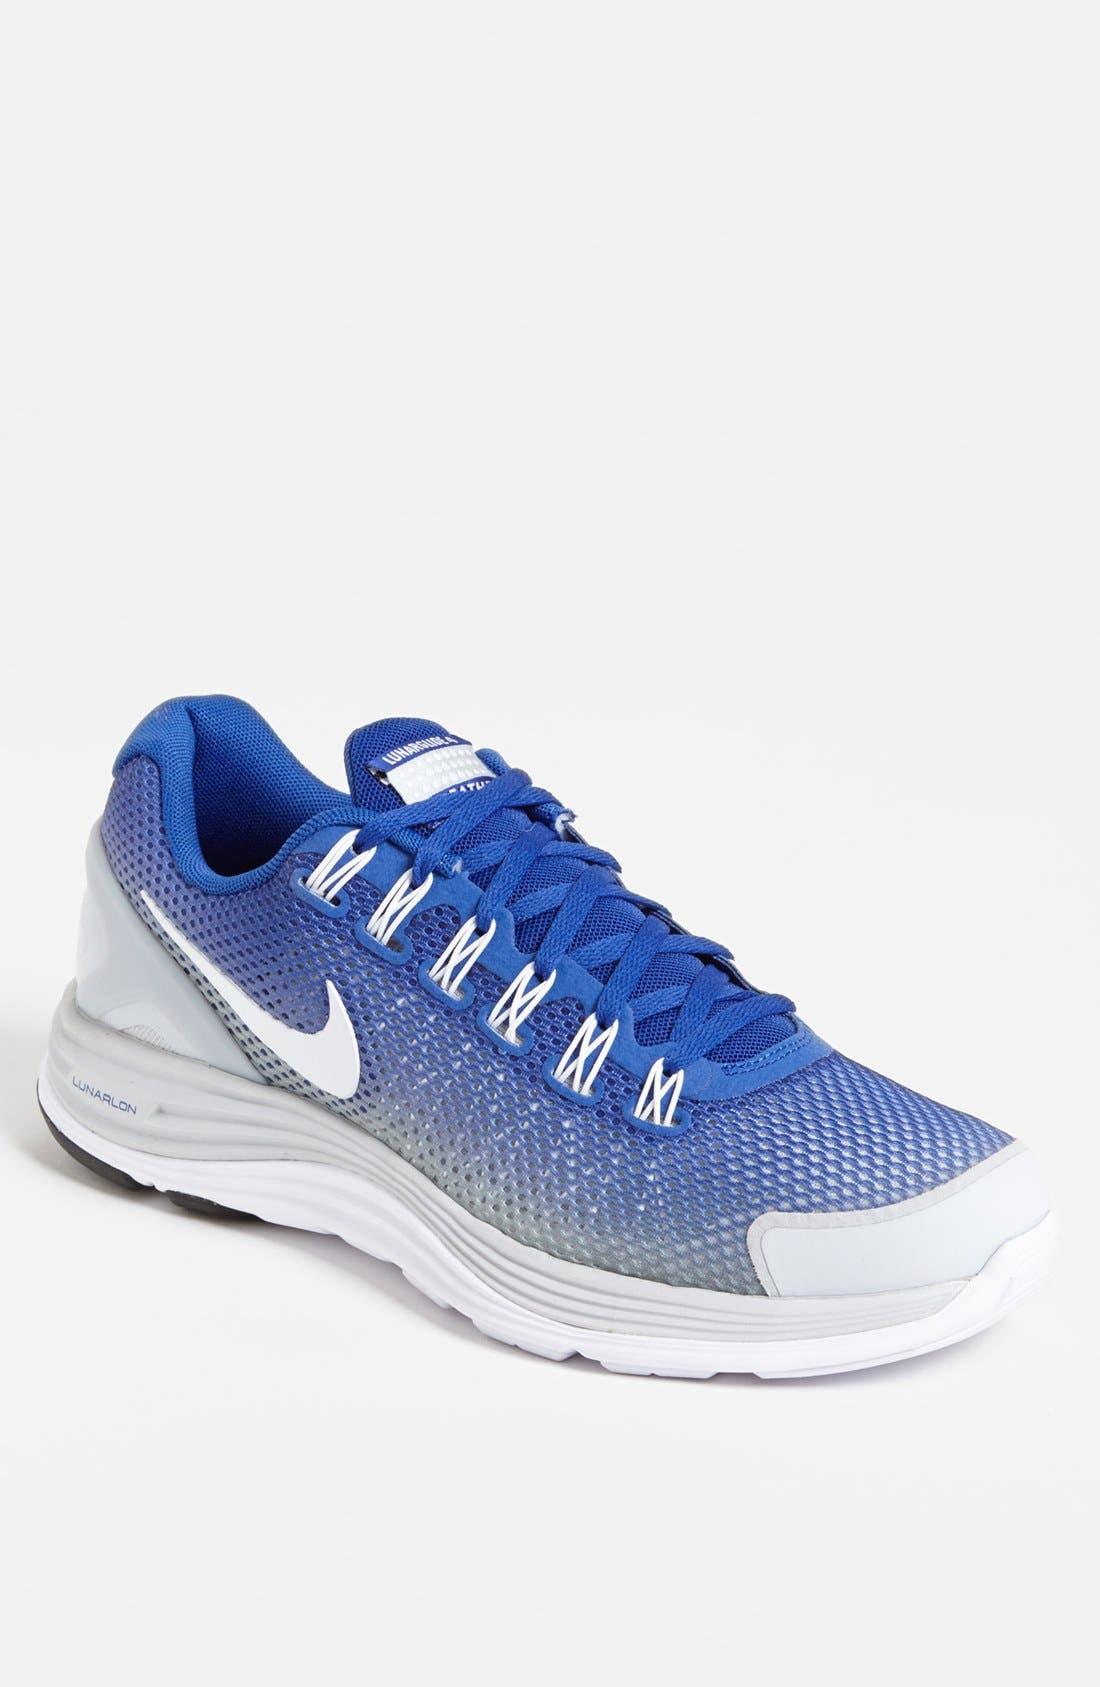 Main Image - Nike 'LunarGlide+ 4 Breathe' Running Shoe (Men)